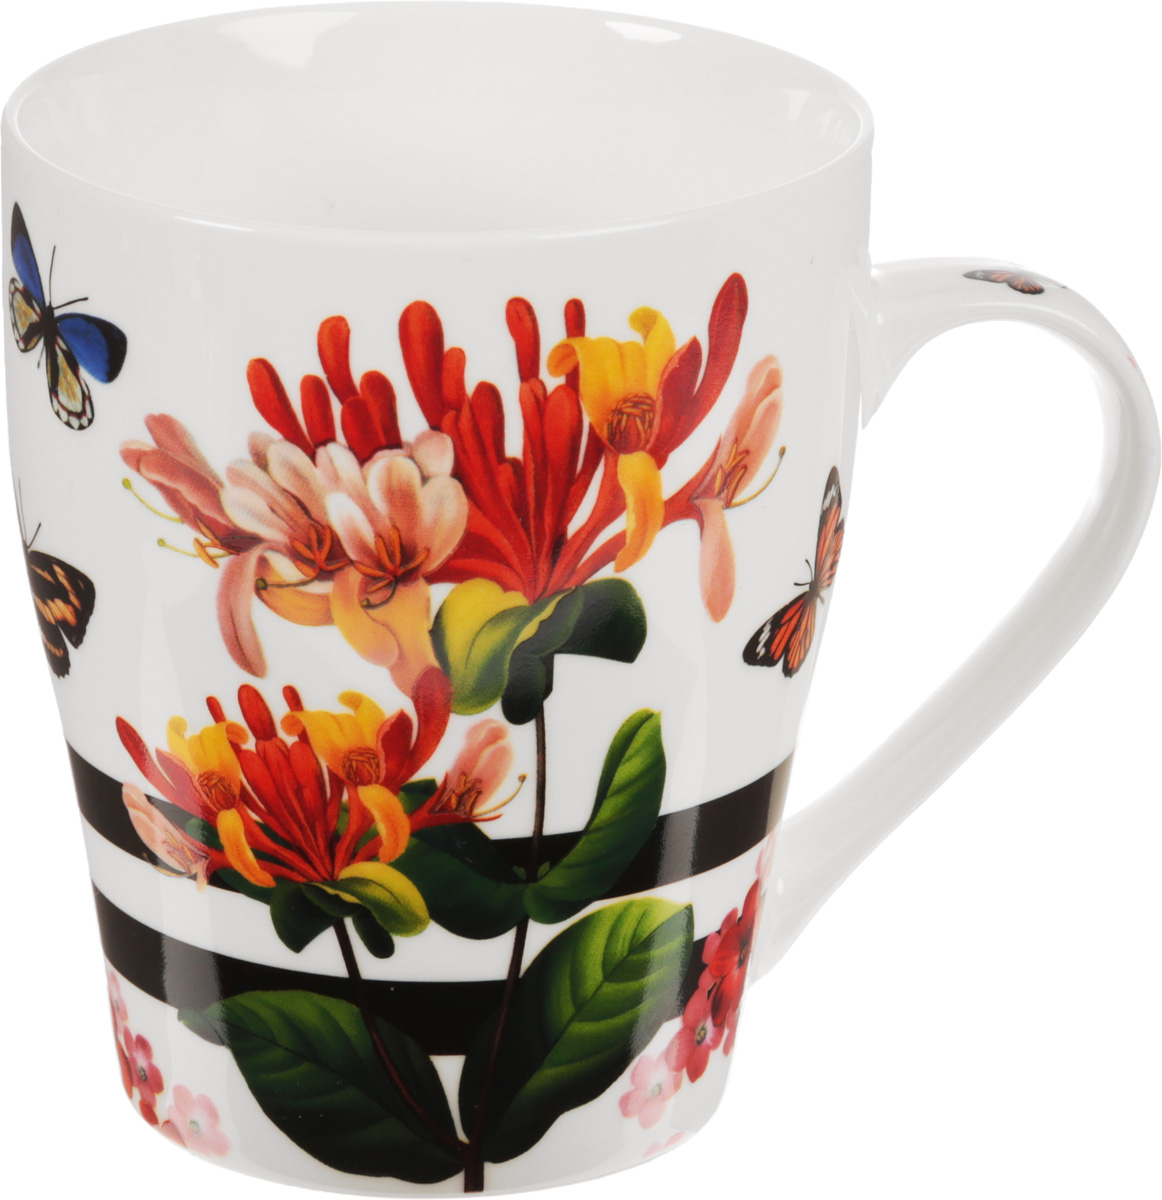 Кружка Loraine Цветы, 340 мл. 24450_226588Кружка Loraine Цветы, изготовленная из костяного фарфора, оснащена удобной ручкой и оформлена красочным изображением. Благодаря своим термостатическим свойствам, изделие отлично сохраняет температуру содержимого. Диаметр (по верхнему краю): 8,3 см. Высота кружки: 10 см. Объем: 340 мл.